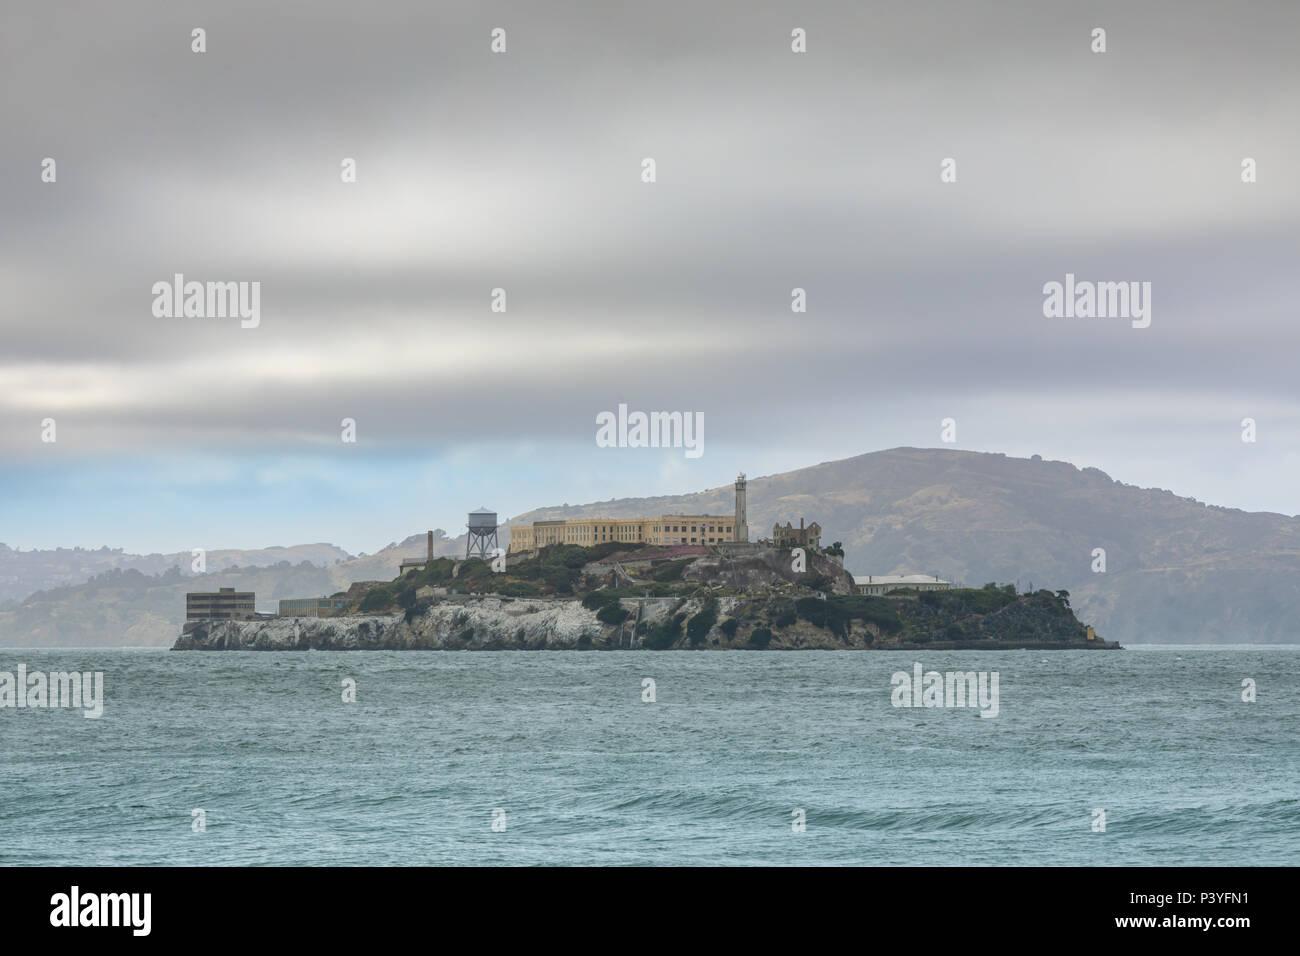 Views of Alcatraz Island from San Francisco. - Stock Image